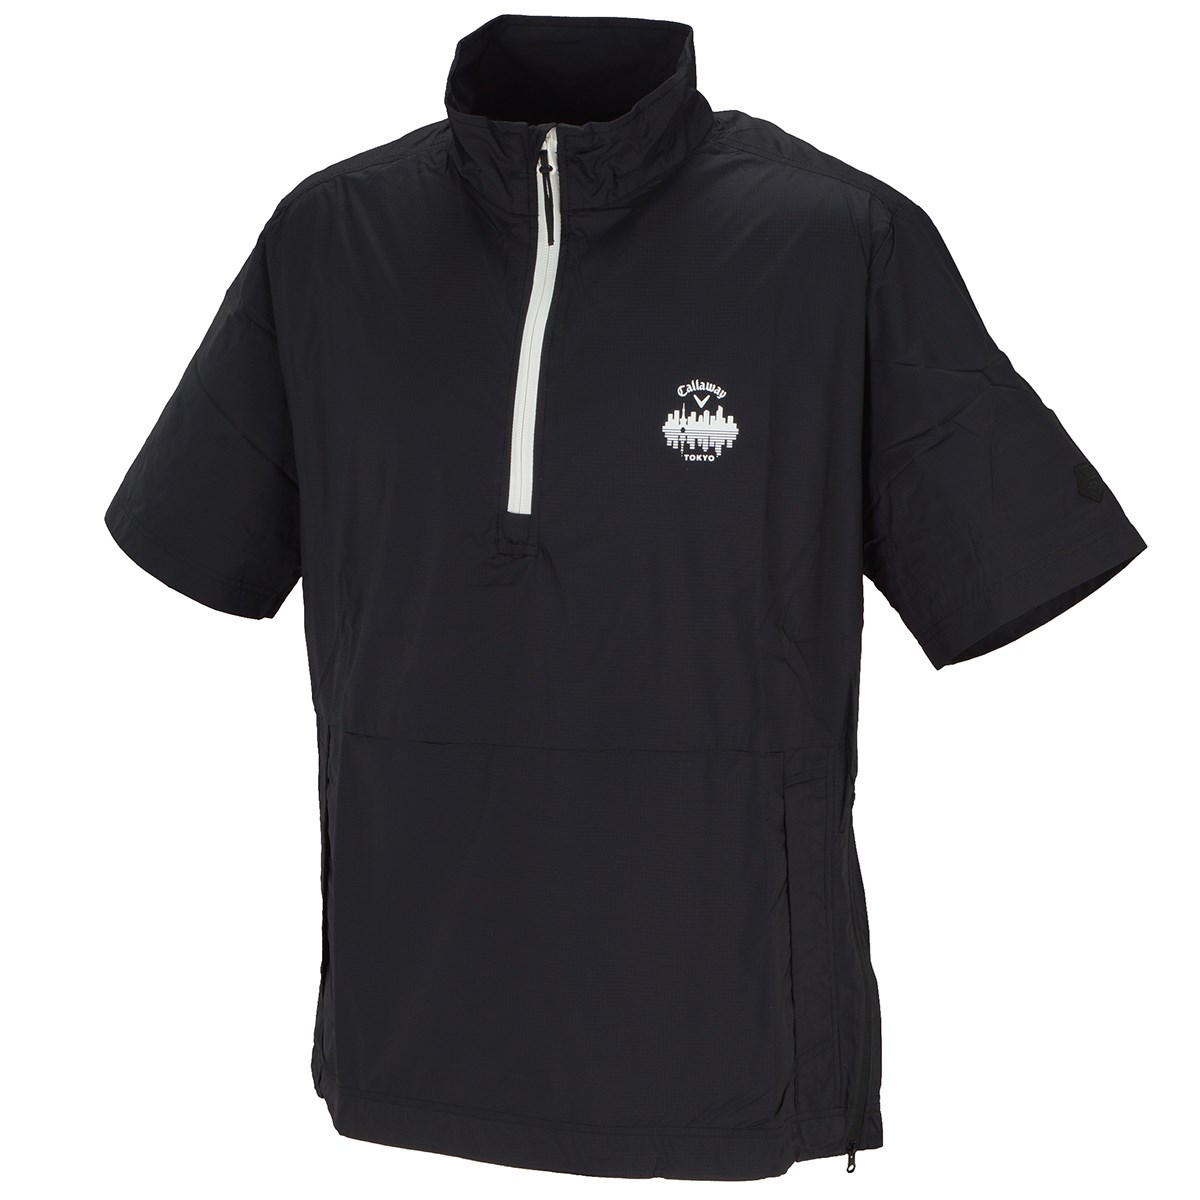 キャロウェイゴルフ(Callaway Golf) レギュラーシルエット リップストップ 半袖ブルゾン